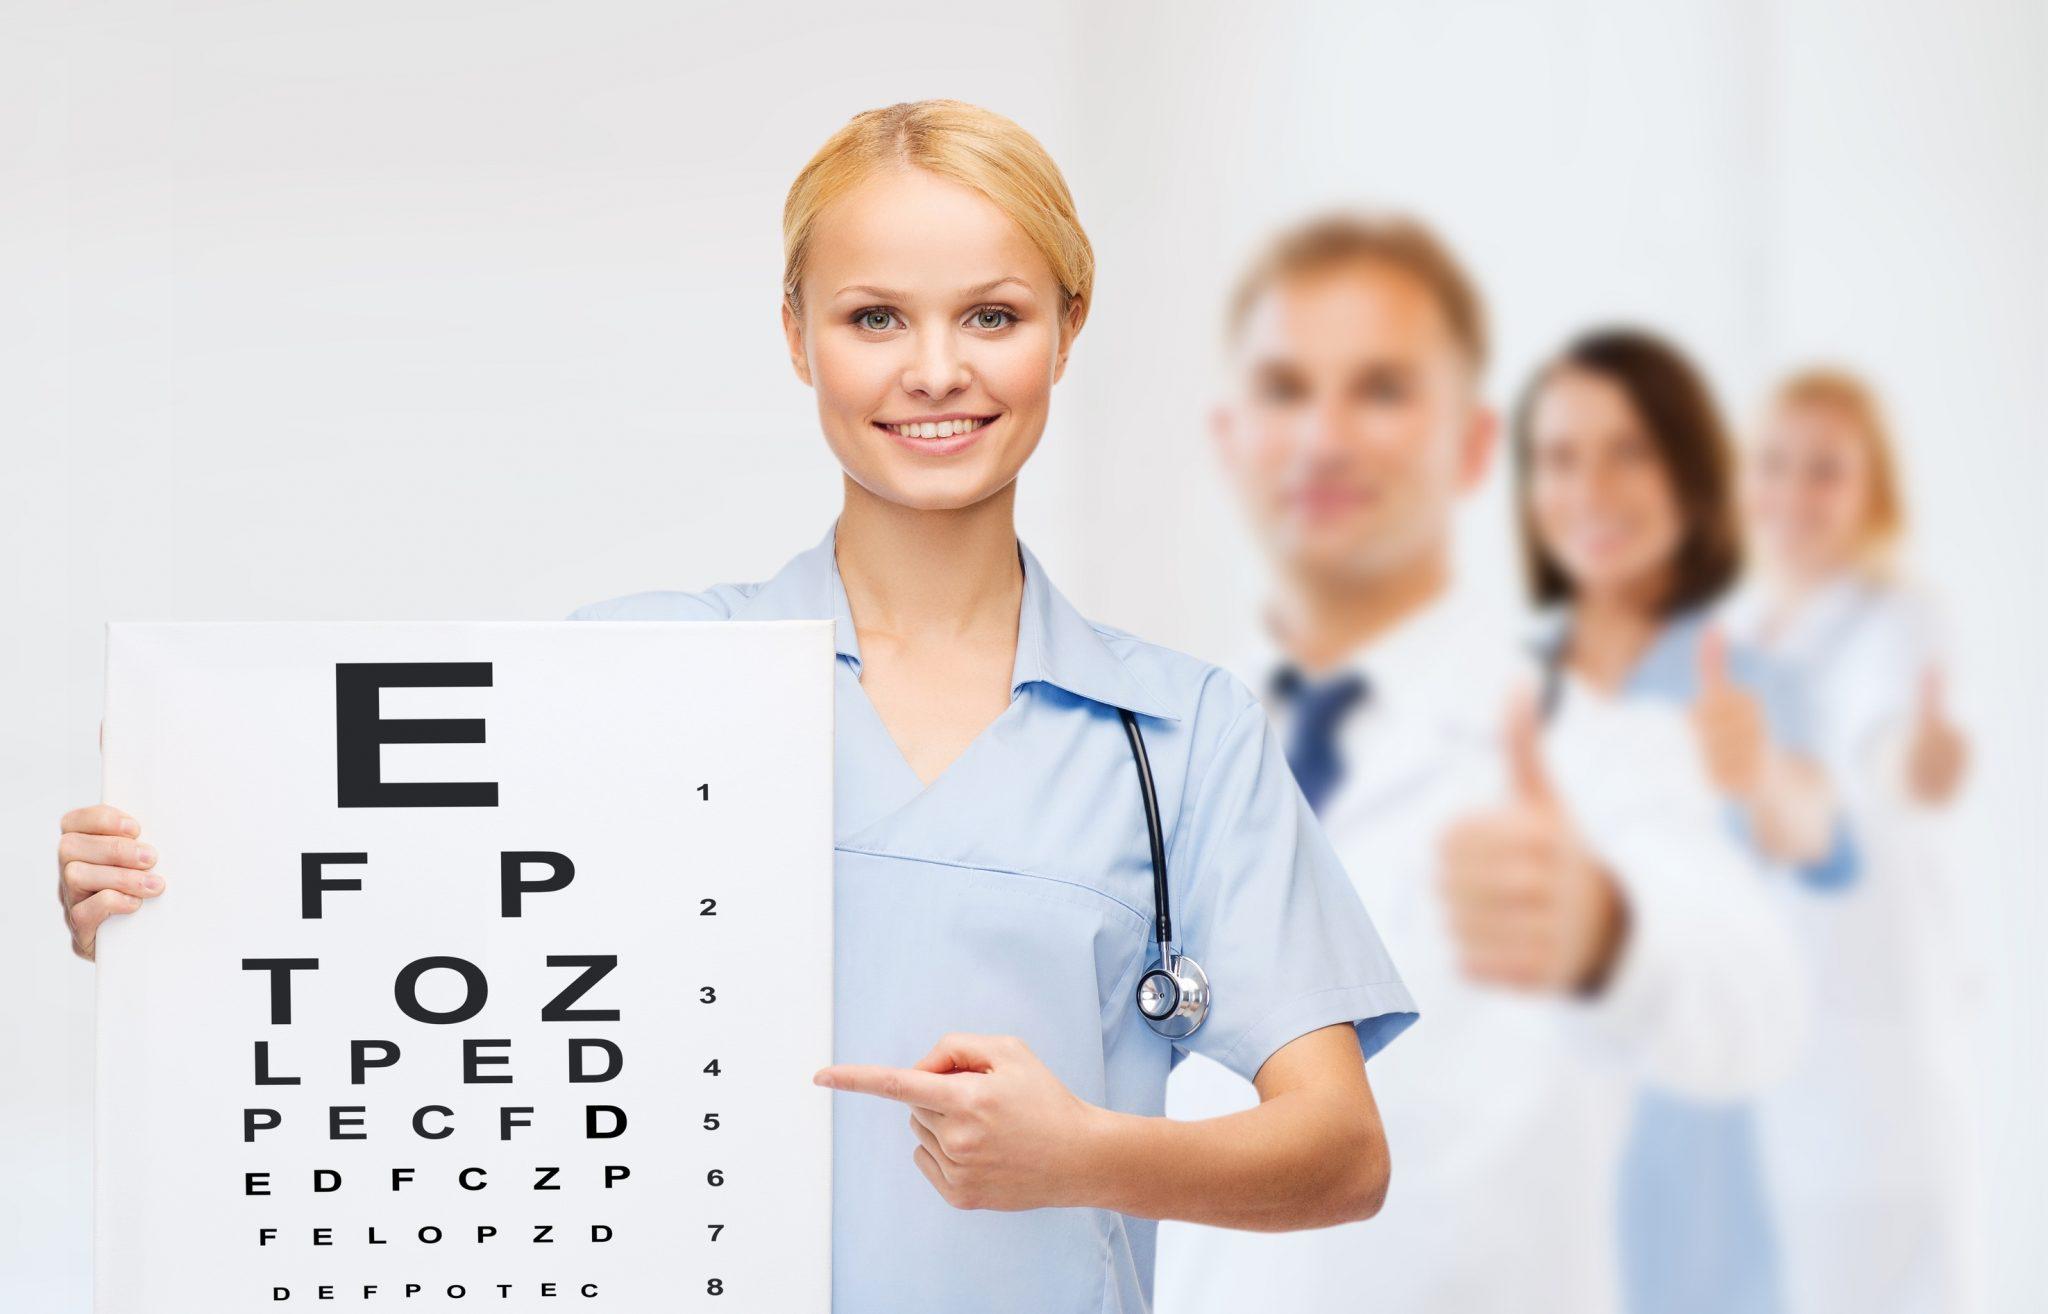 تفاوت میان بینایی سنجی و چشم پزشکی در چیست؟